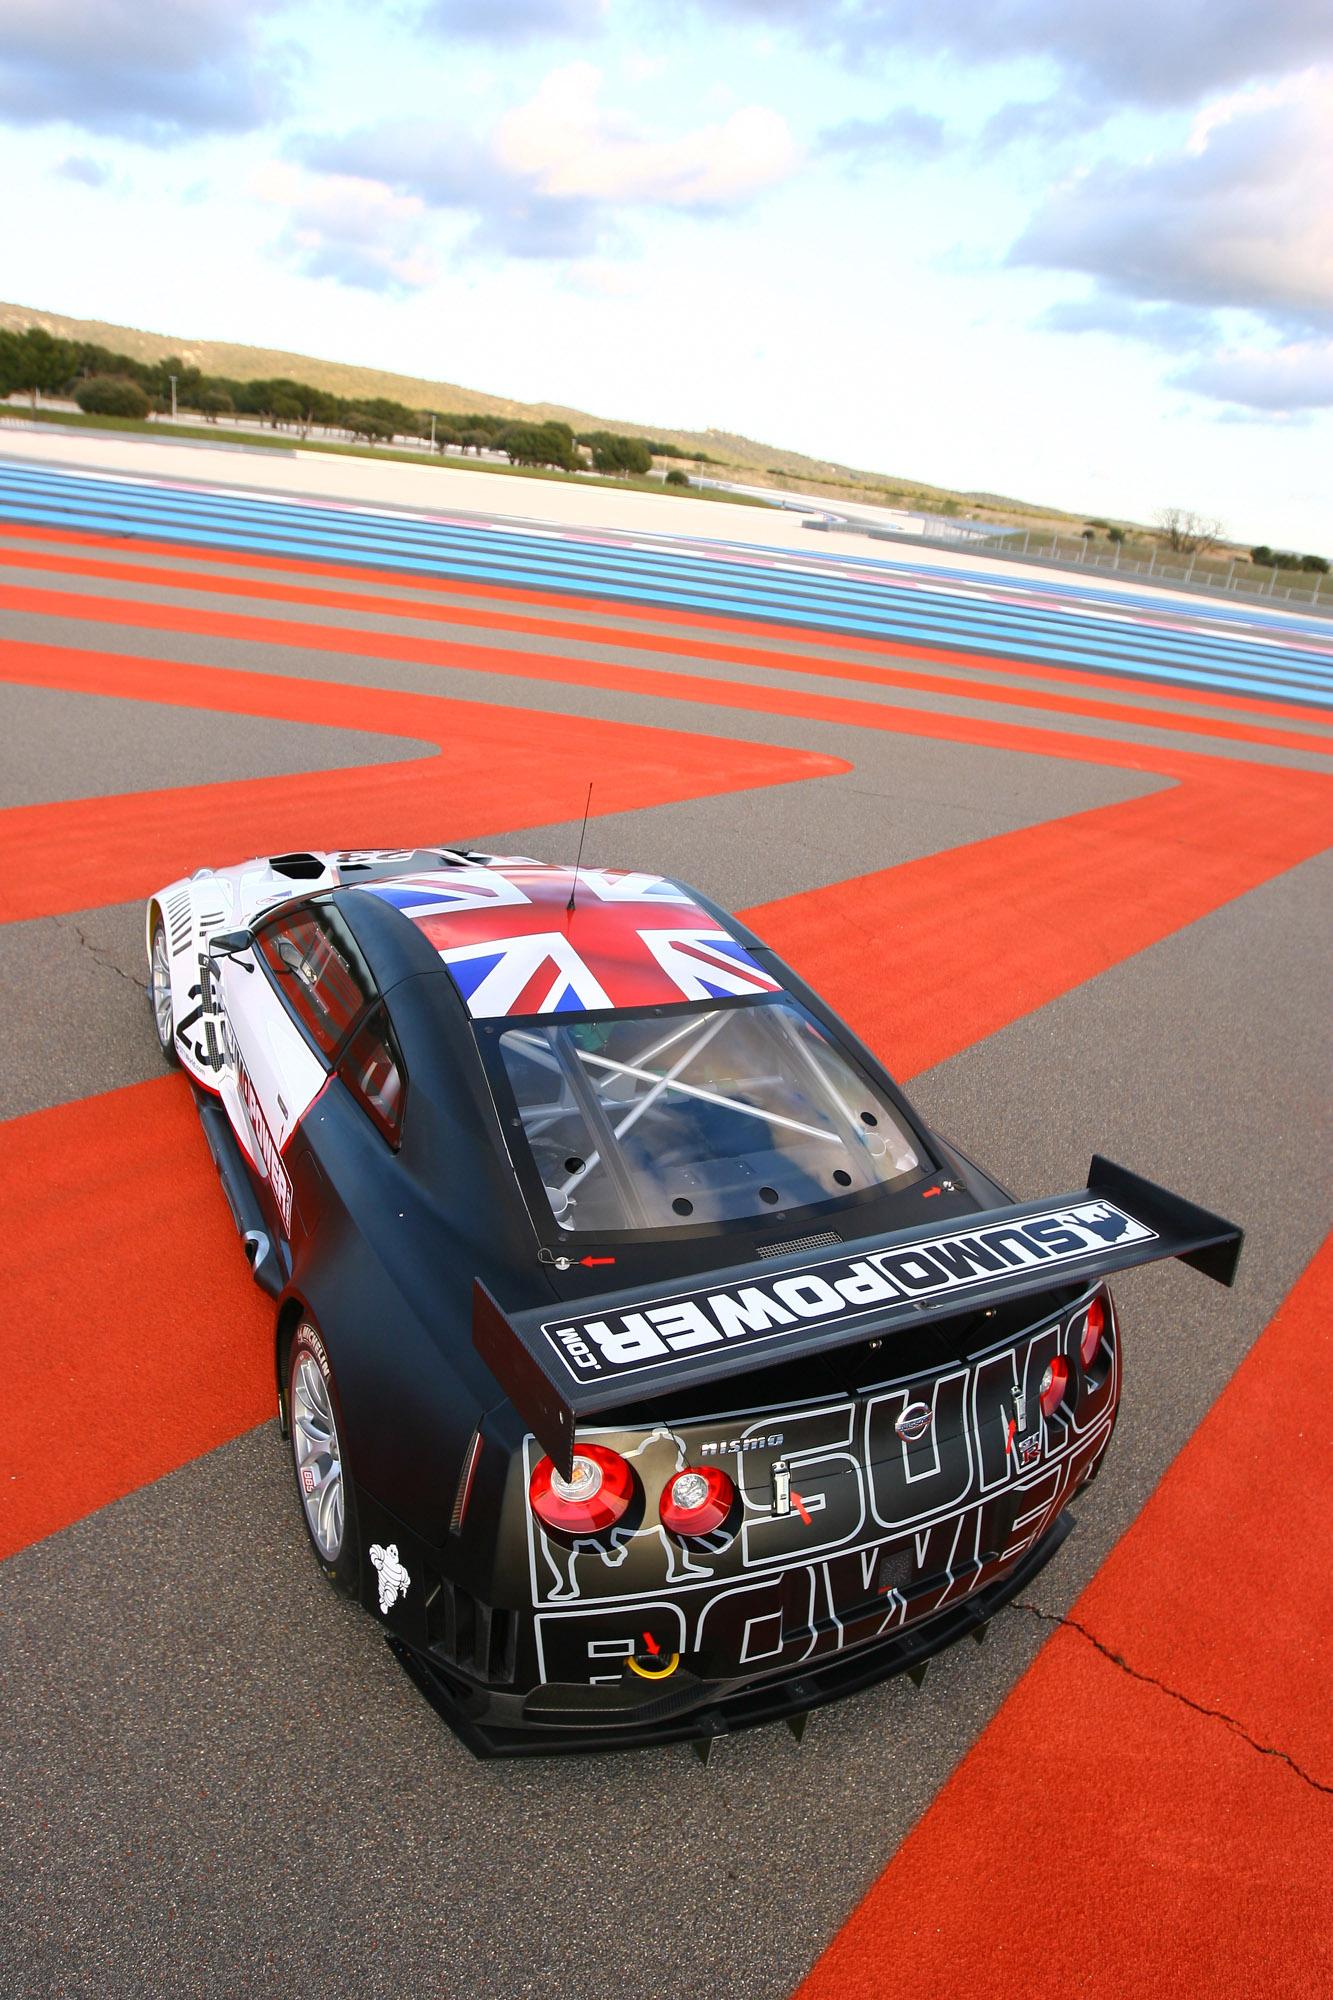 Nissan Gt R Sumo Power Gt Picture 1 日産 Gtr レースカー スカイライン